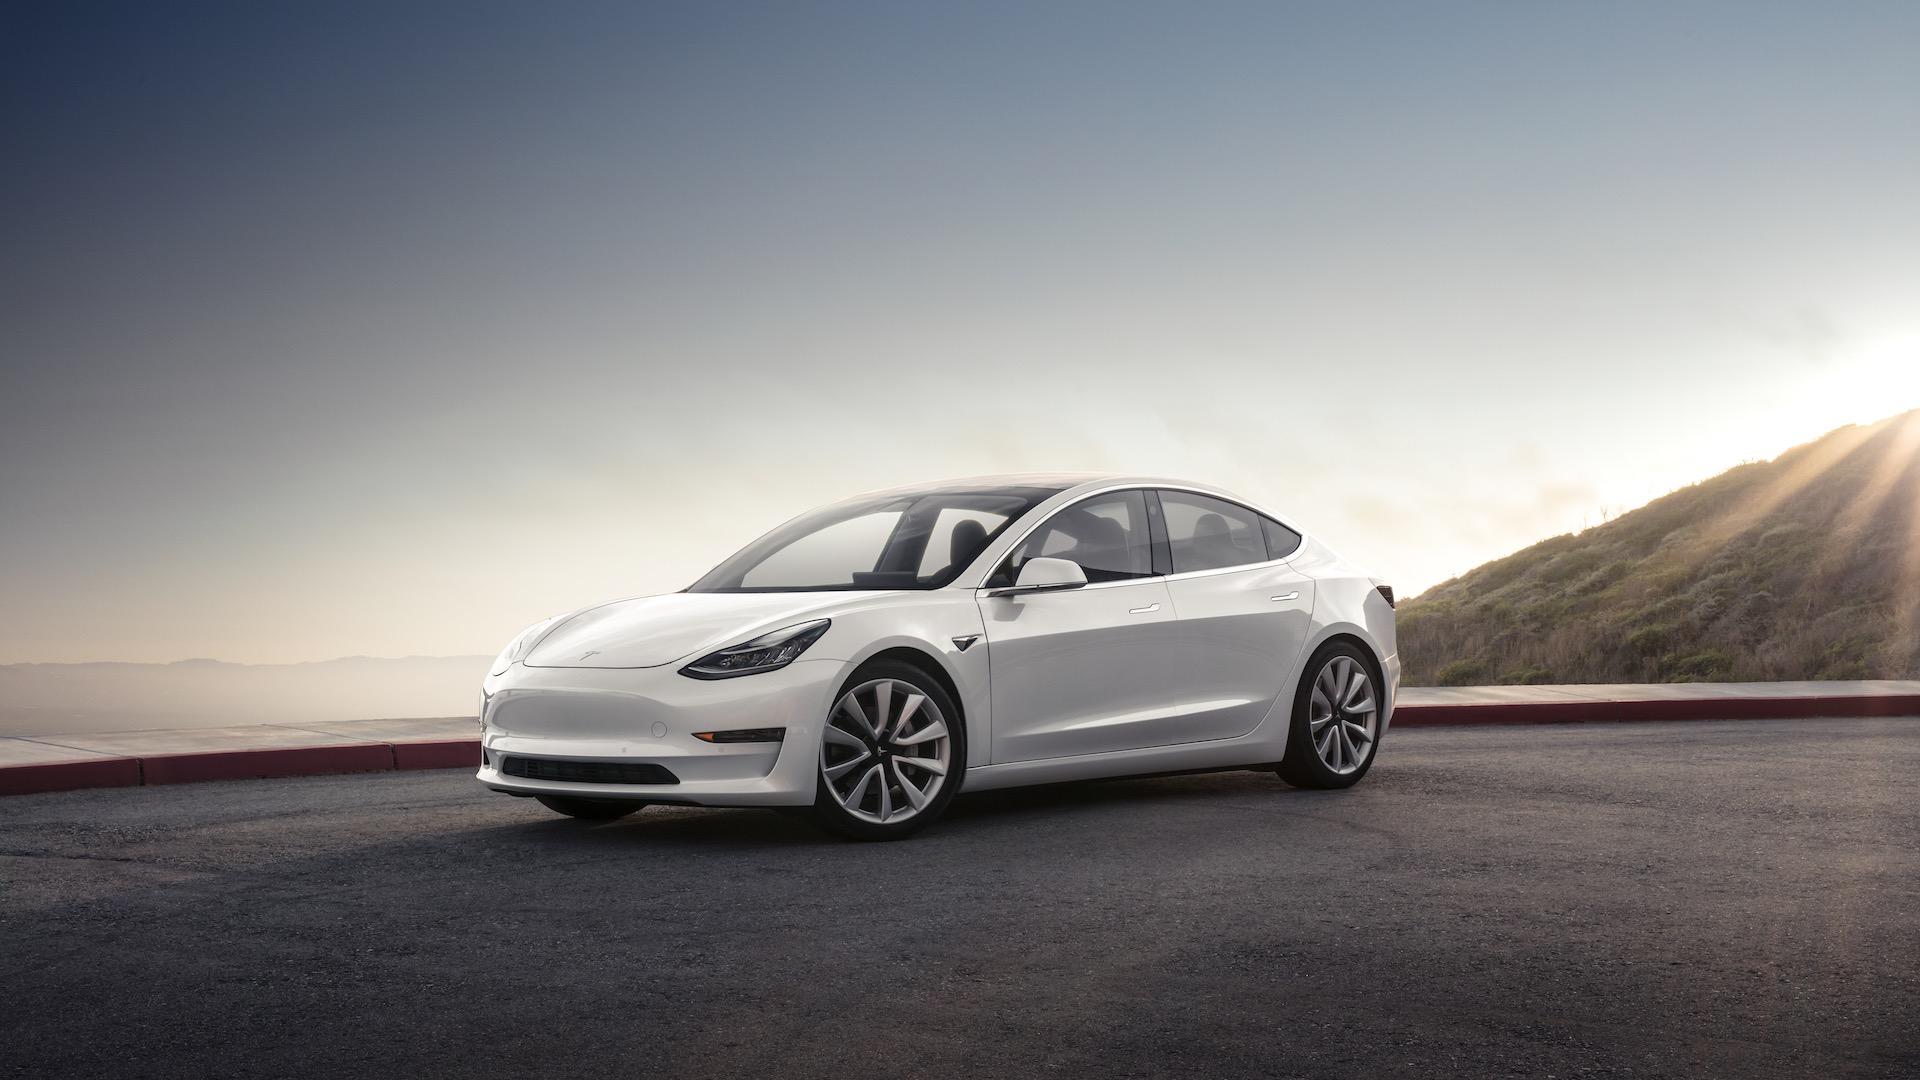 Tesla Model 3, jehož produkce v posledních týdnech značně vzrostla